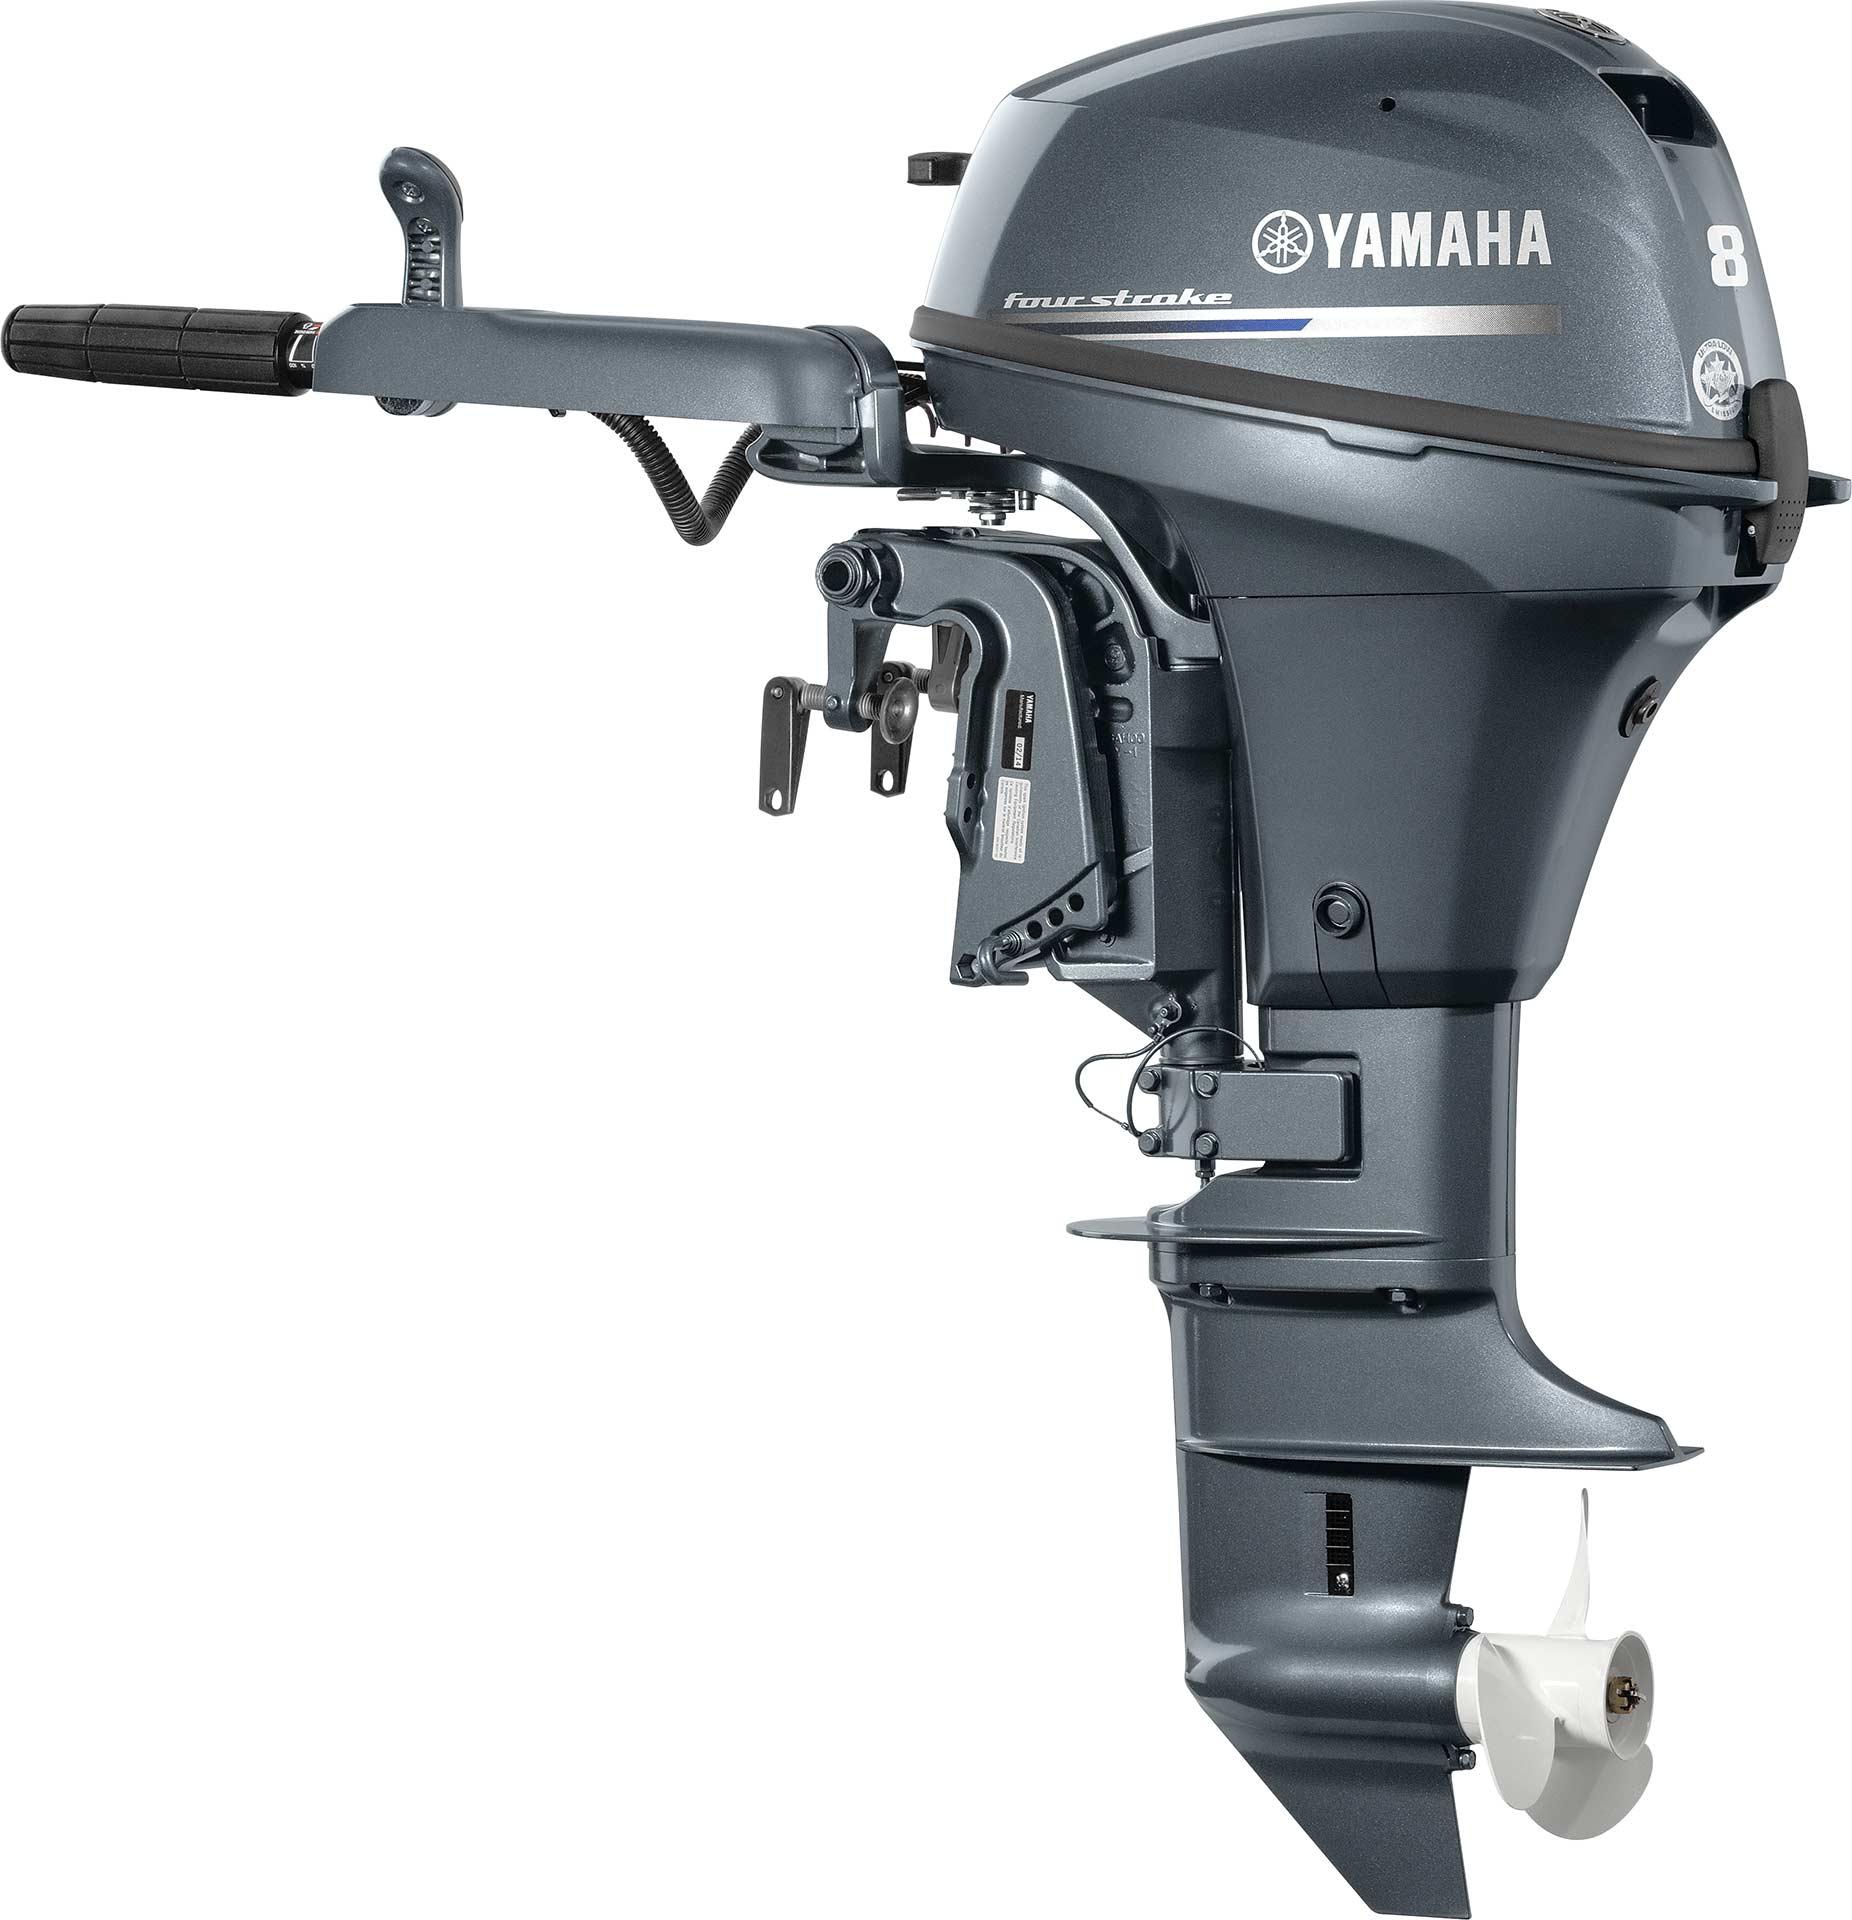 Yamaha F8 Portable